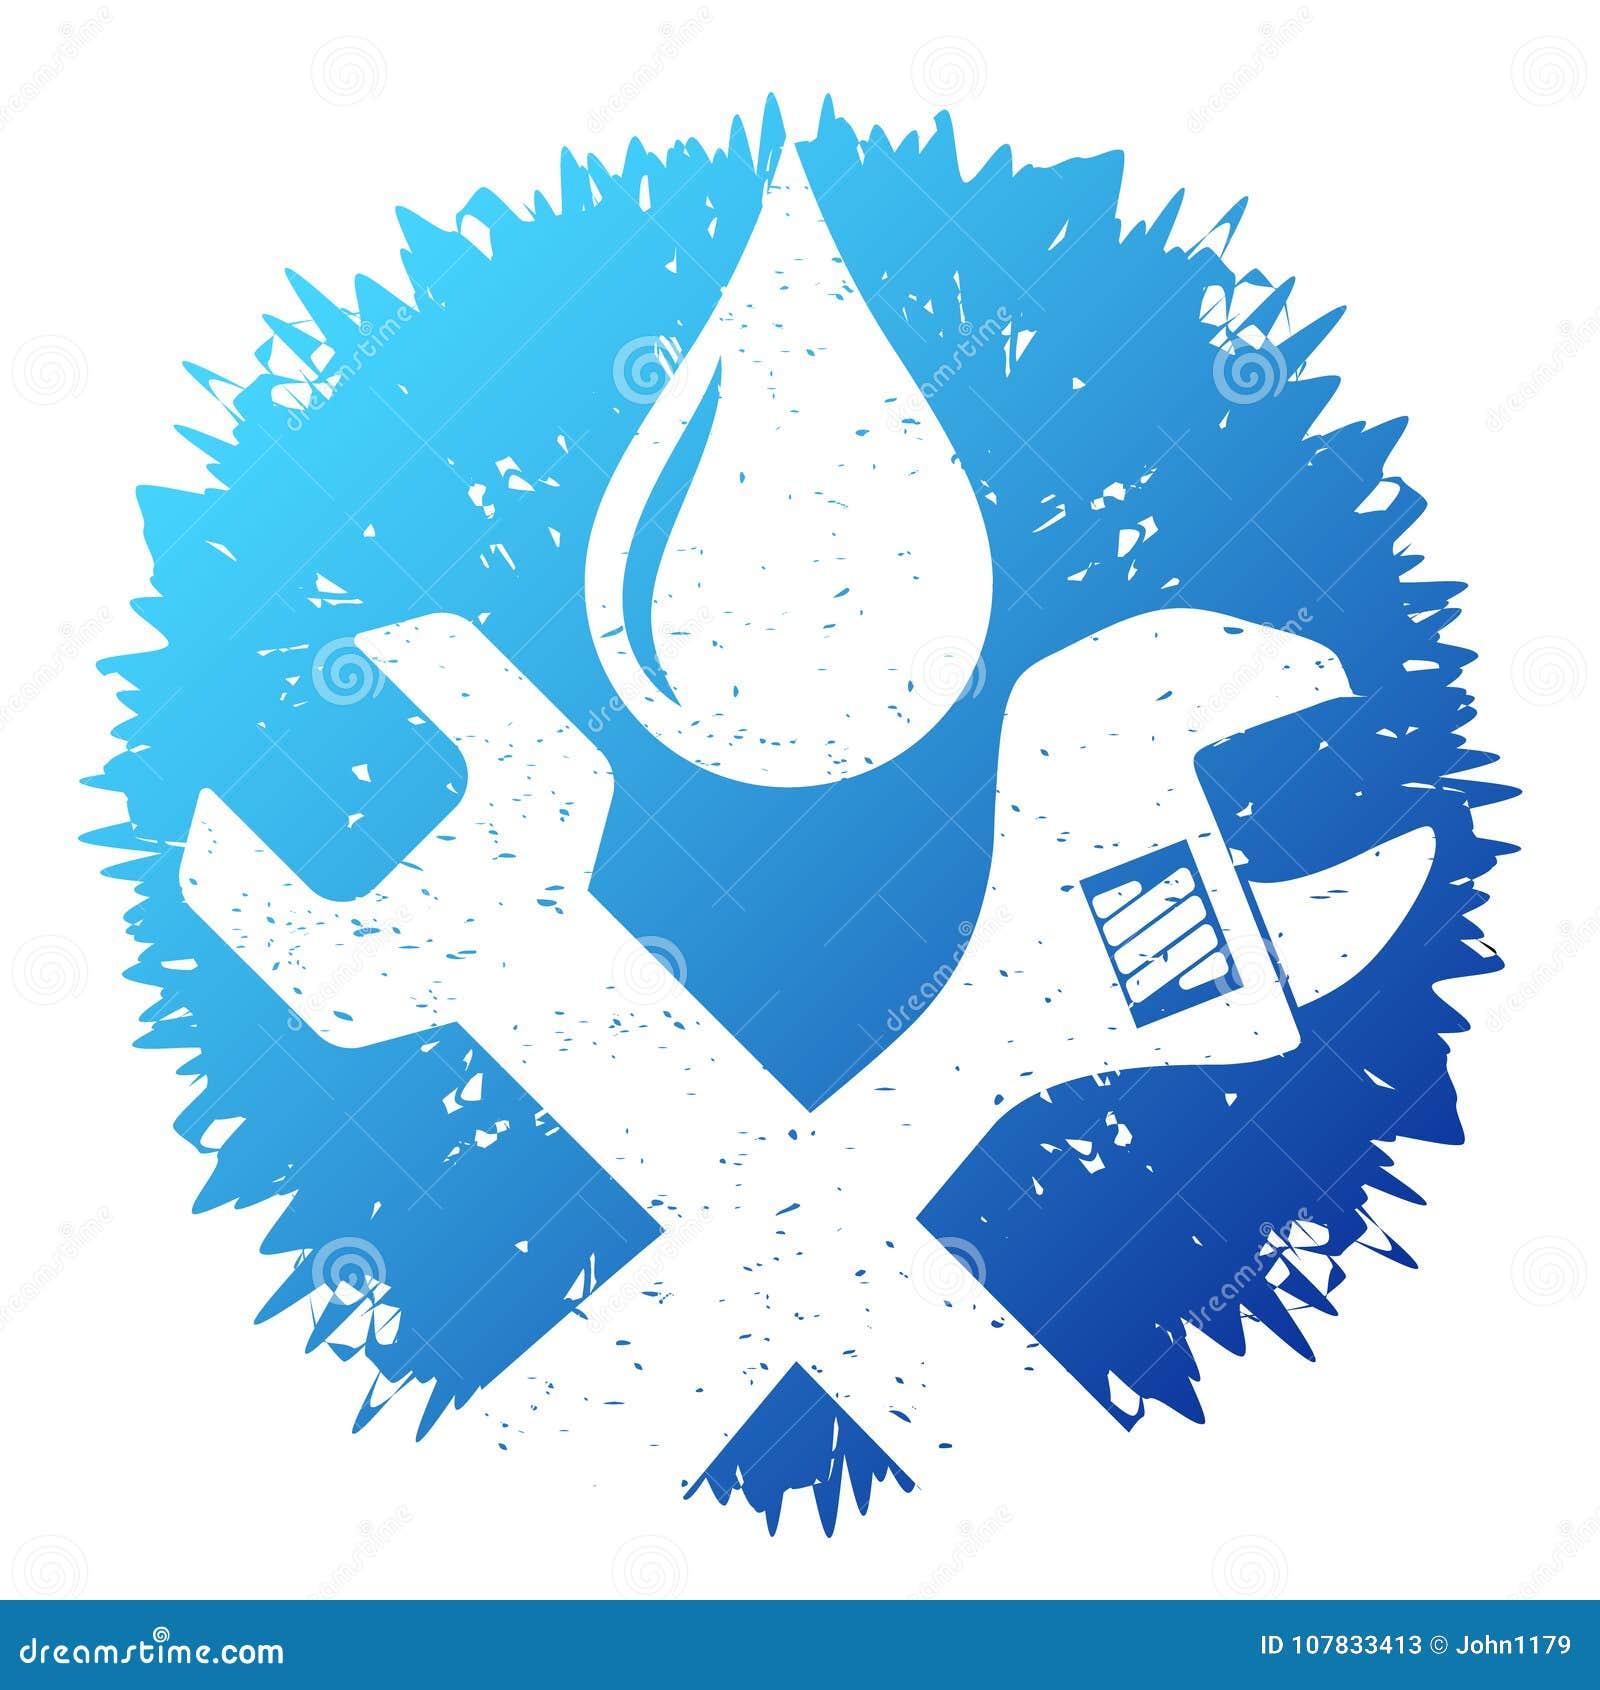 Plumbing Repair Symbol Stock Vector Illustration Of Logo 107833413